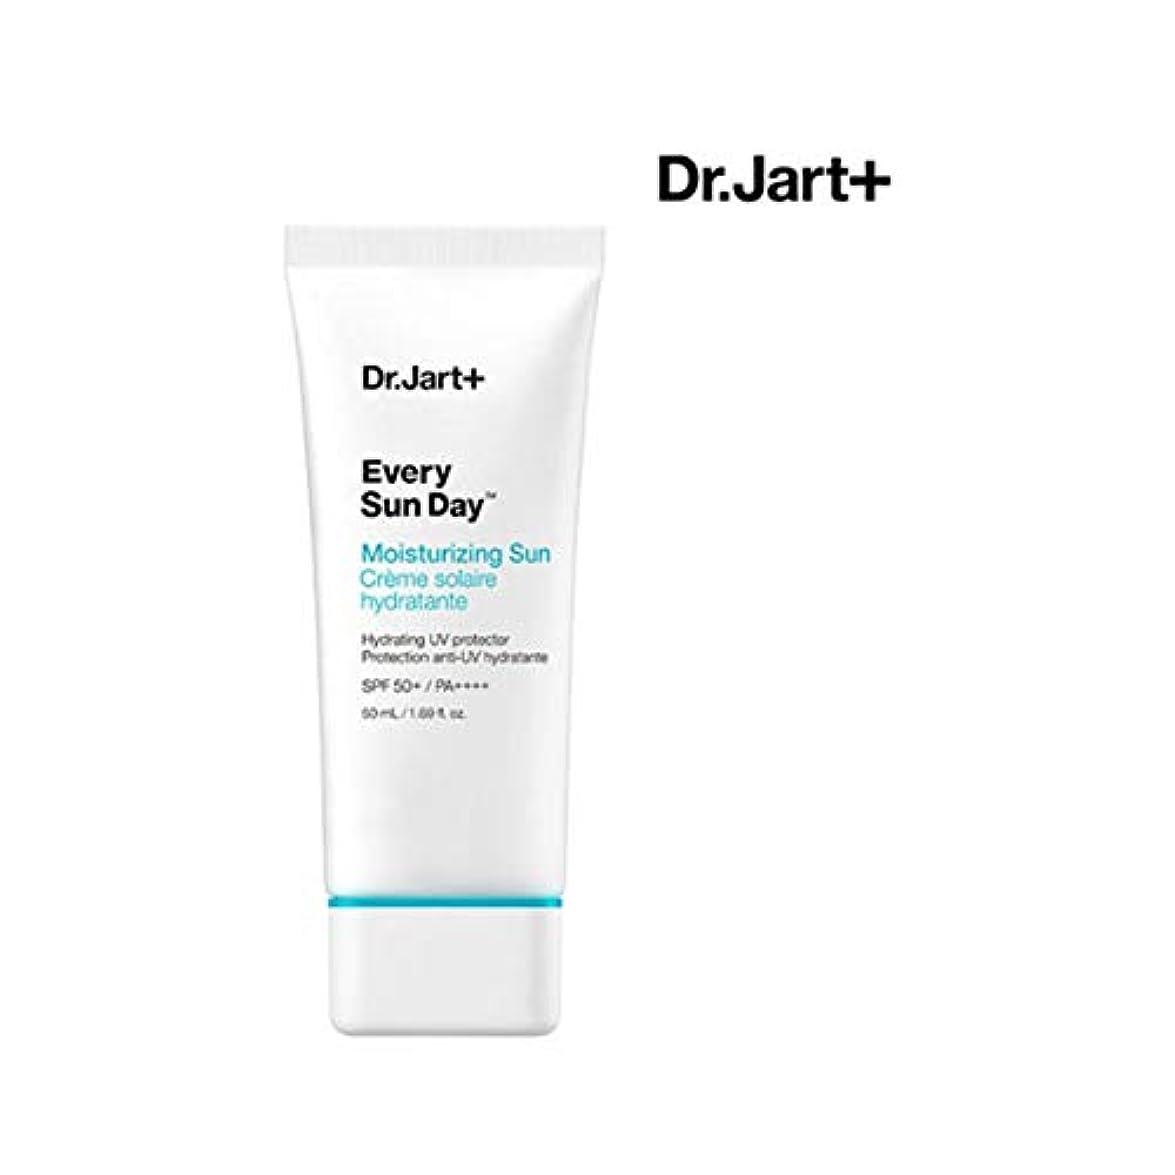 勇気壊滅的な立証するドクタージャルトゥエブリサンデーモイスチャーライジングサン50mlサンクリーム韓国コスメ、Dr.Jart Every Sun Day Moisturizing Sun 50ml Sun Cream Korean Cosmetics...